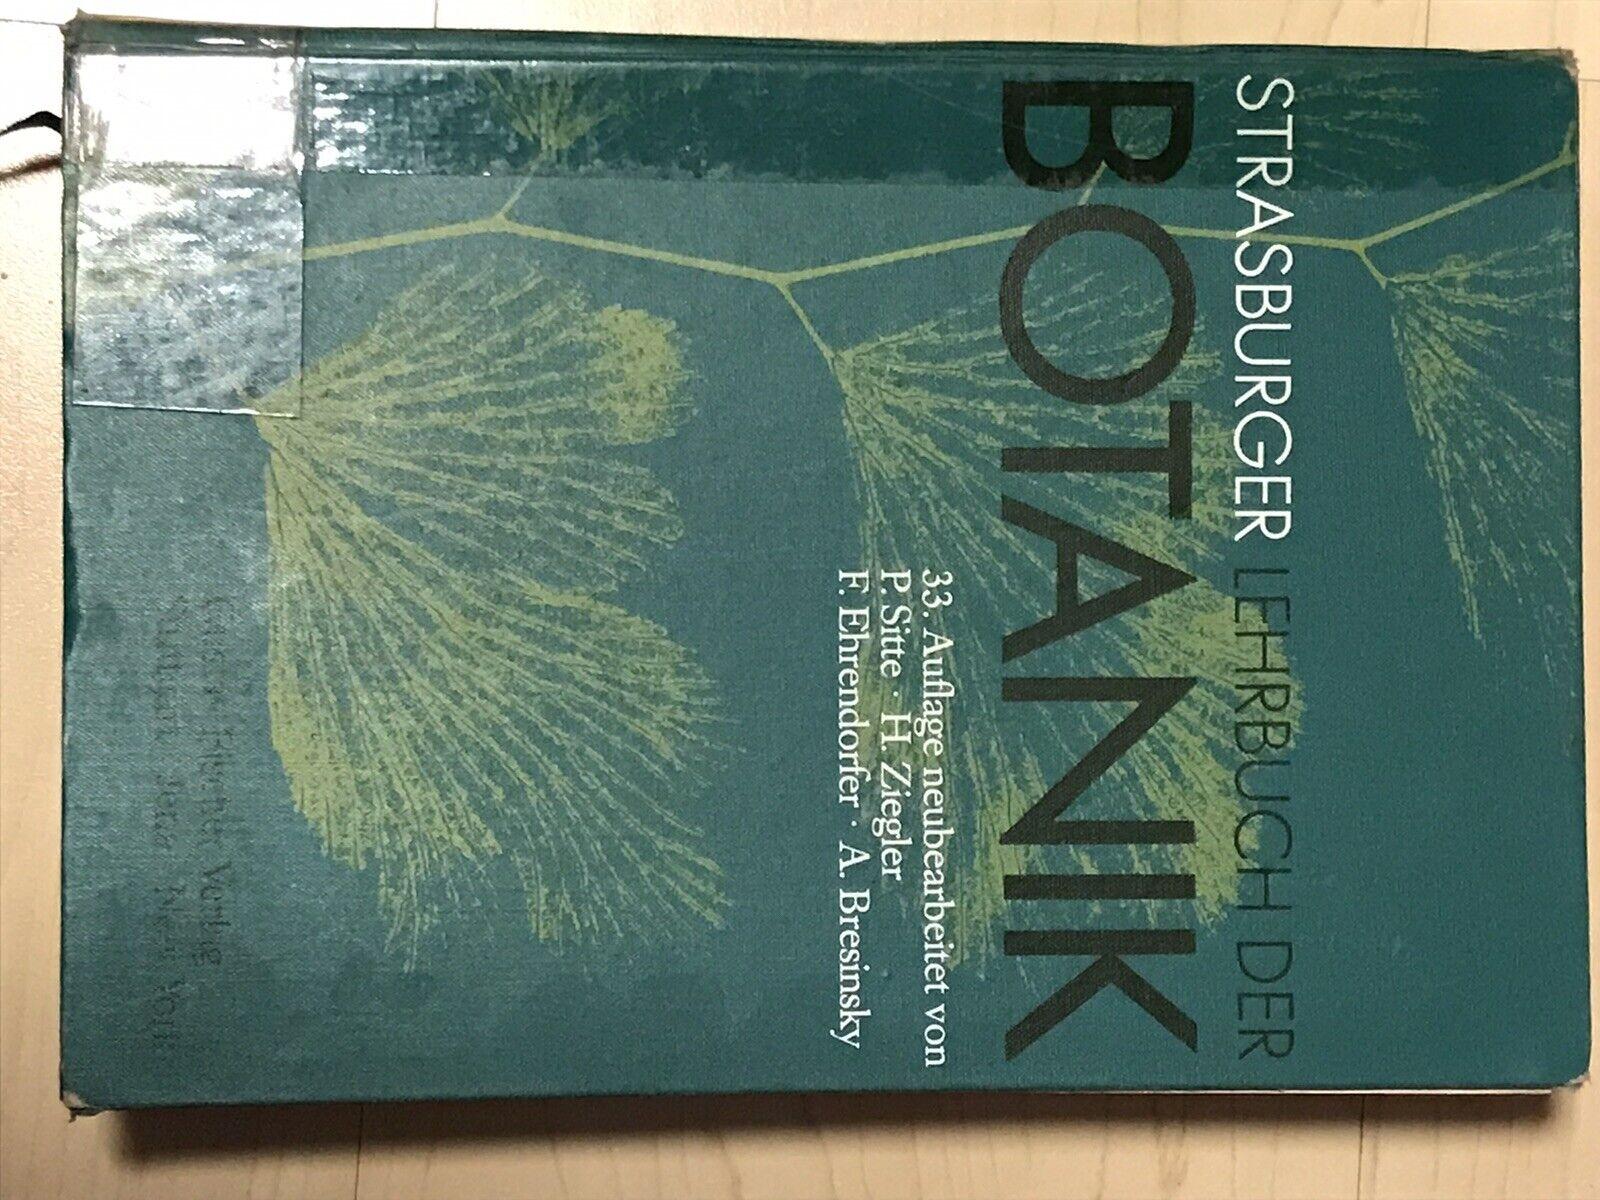 Strasburger Lehrbuch der Botanik 33. Auflage - Sitte / Ziegler / Ehrendorfer / Bresinsky